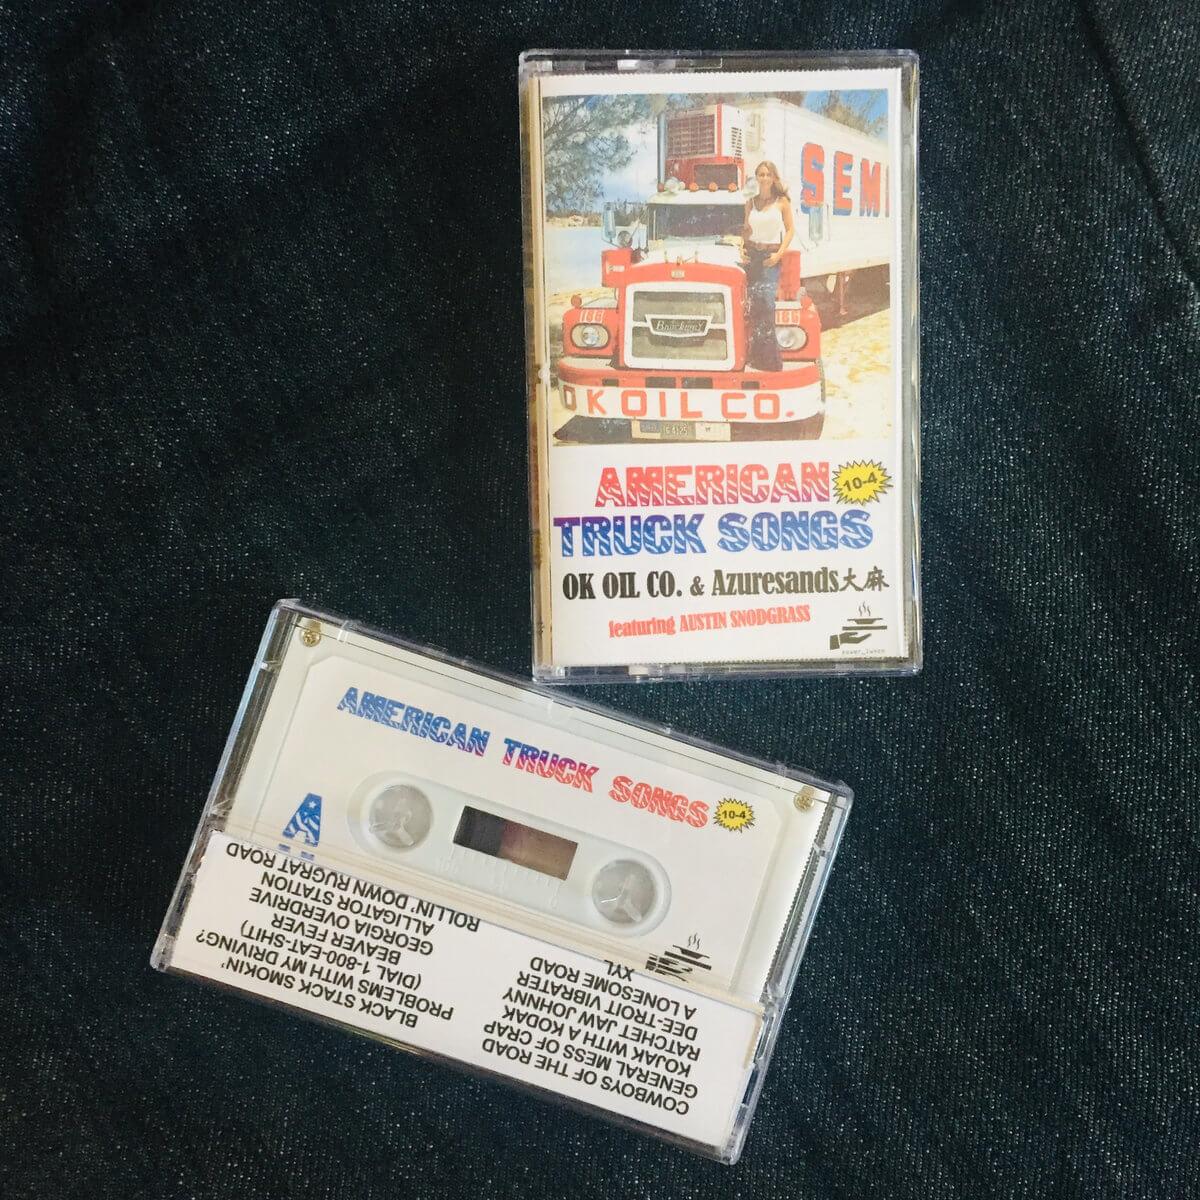 American Truck Songs 10-4 by OK Oil Co. & Azuresands大麻